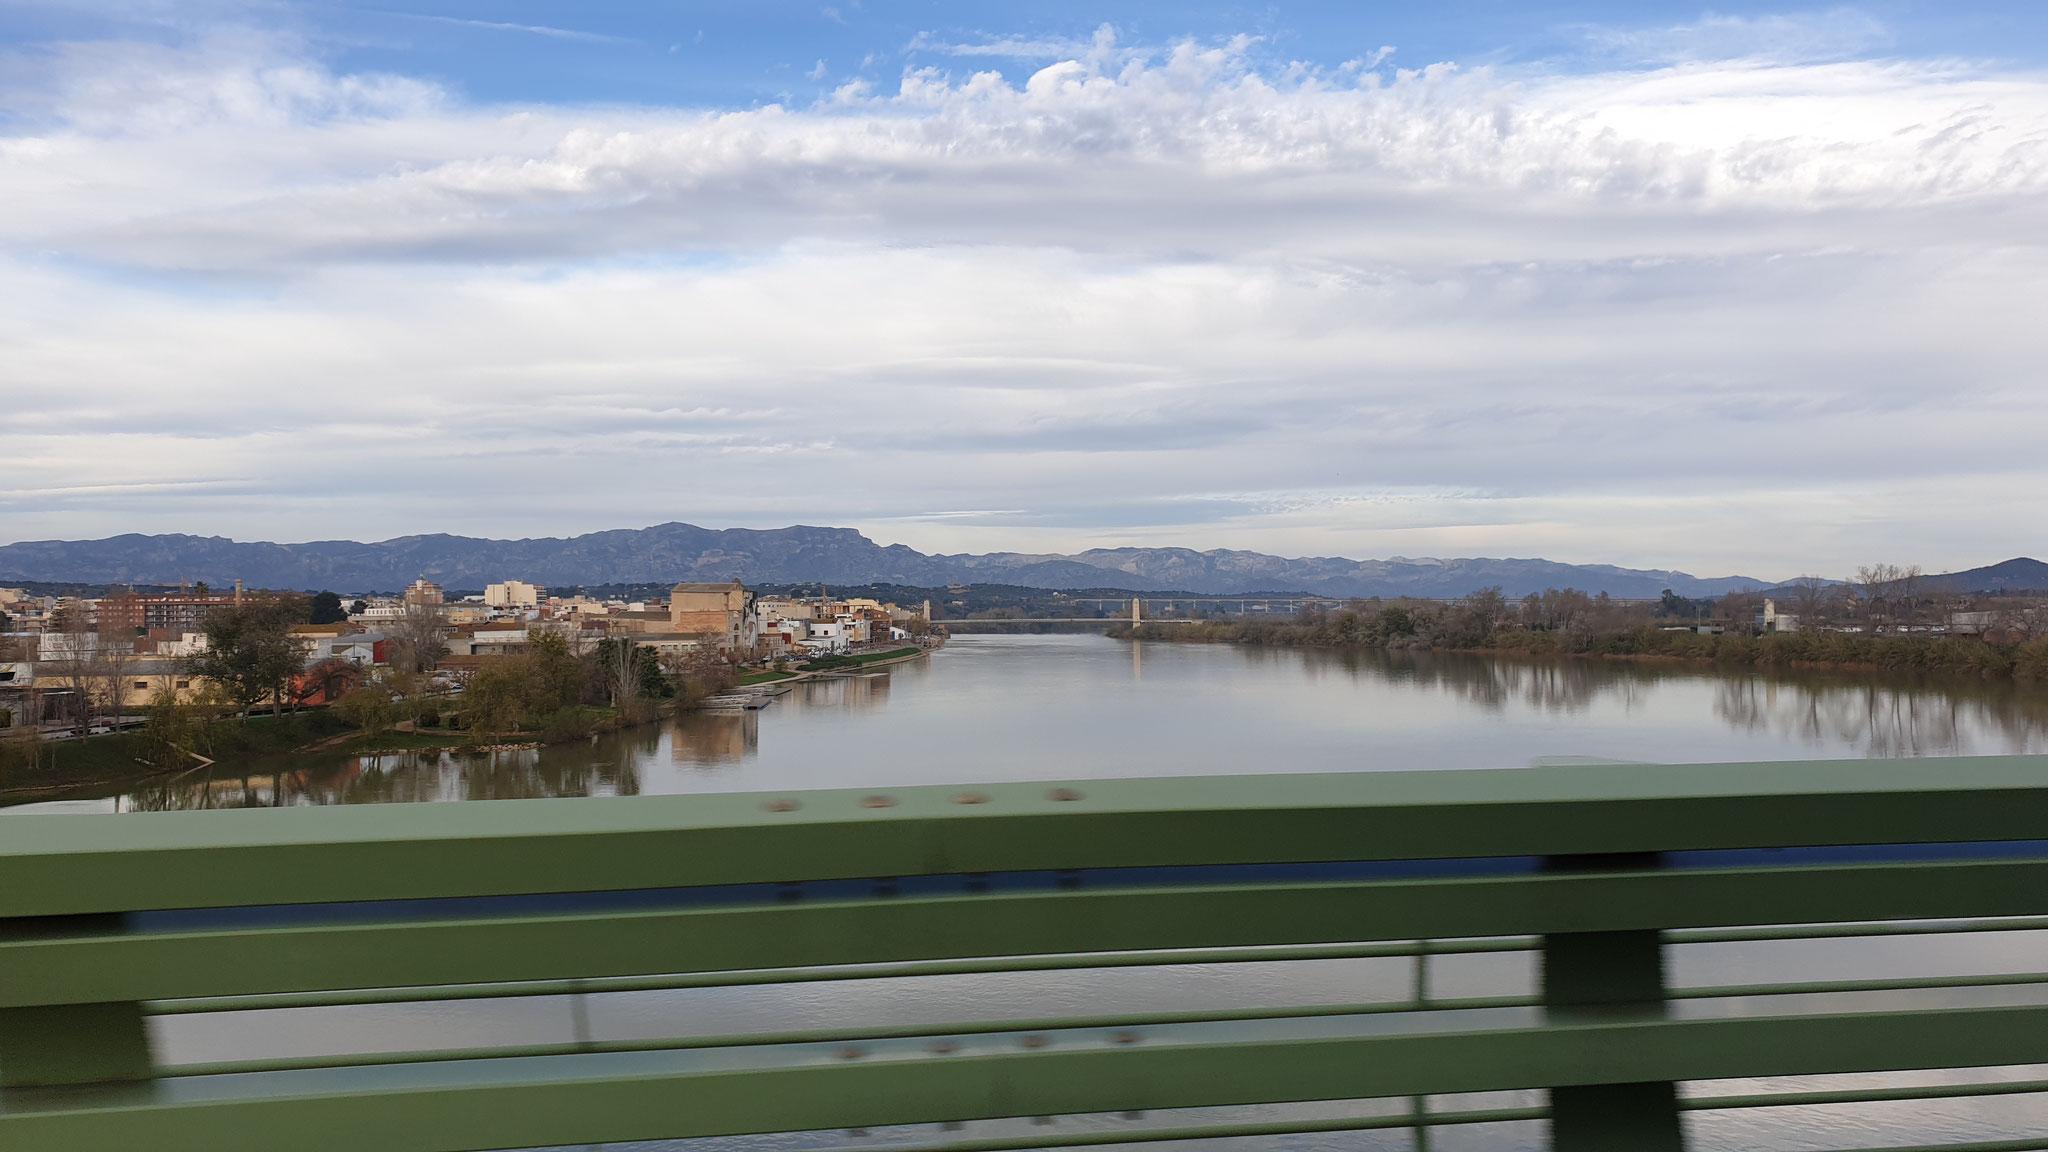 Einer der wenigen Flüsse, die tatsächlich Wasser führen